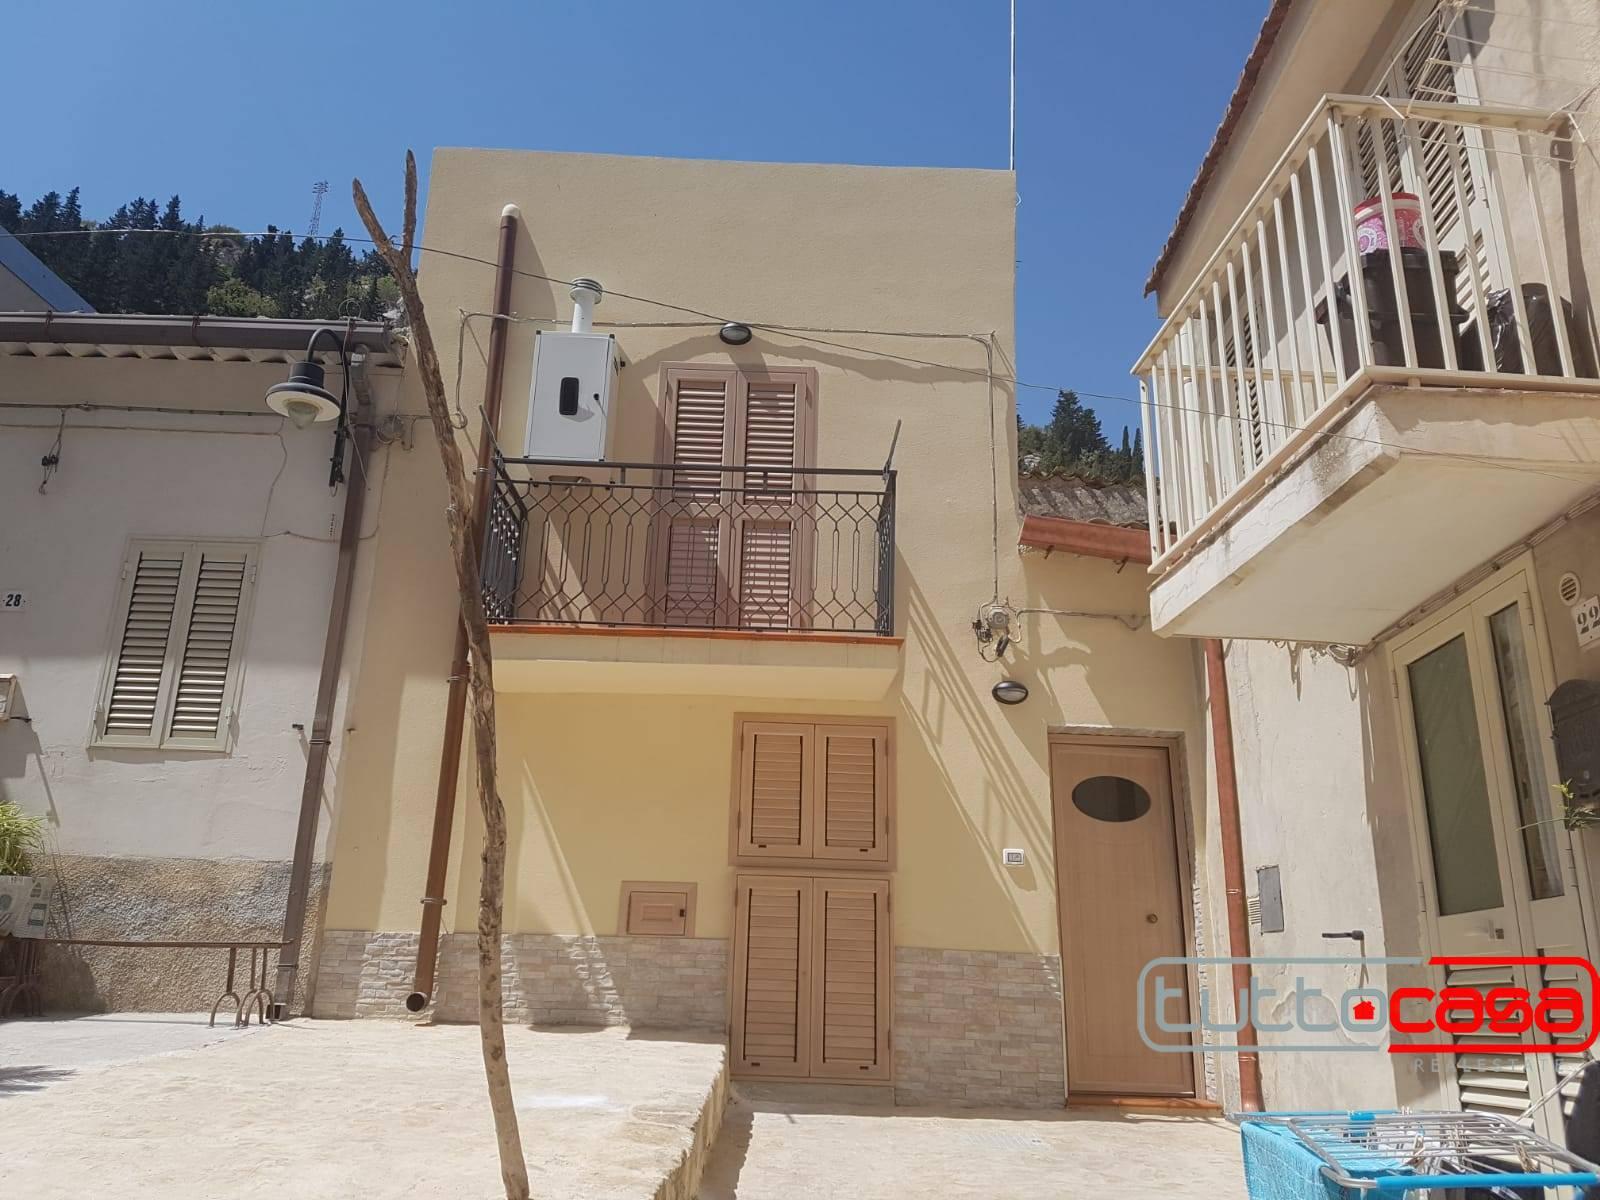 Immobile Turistico in affitto a Scicli, 4 locali, Trattative riservate | CambioCasa.it